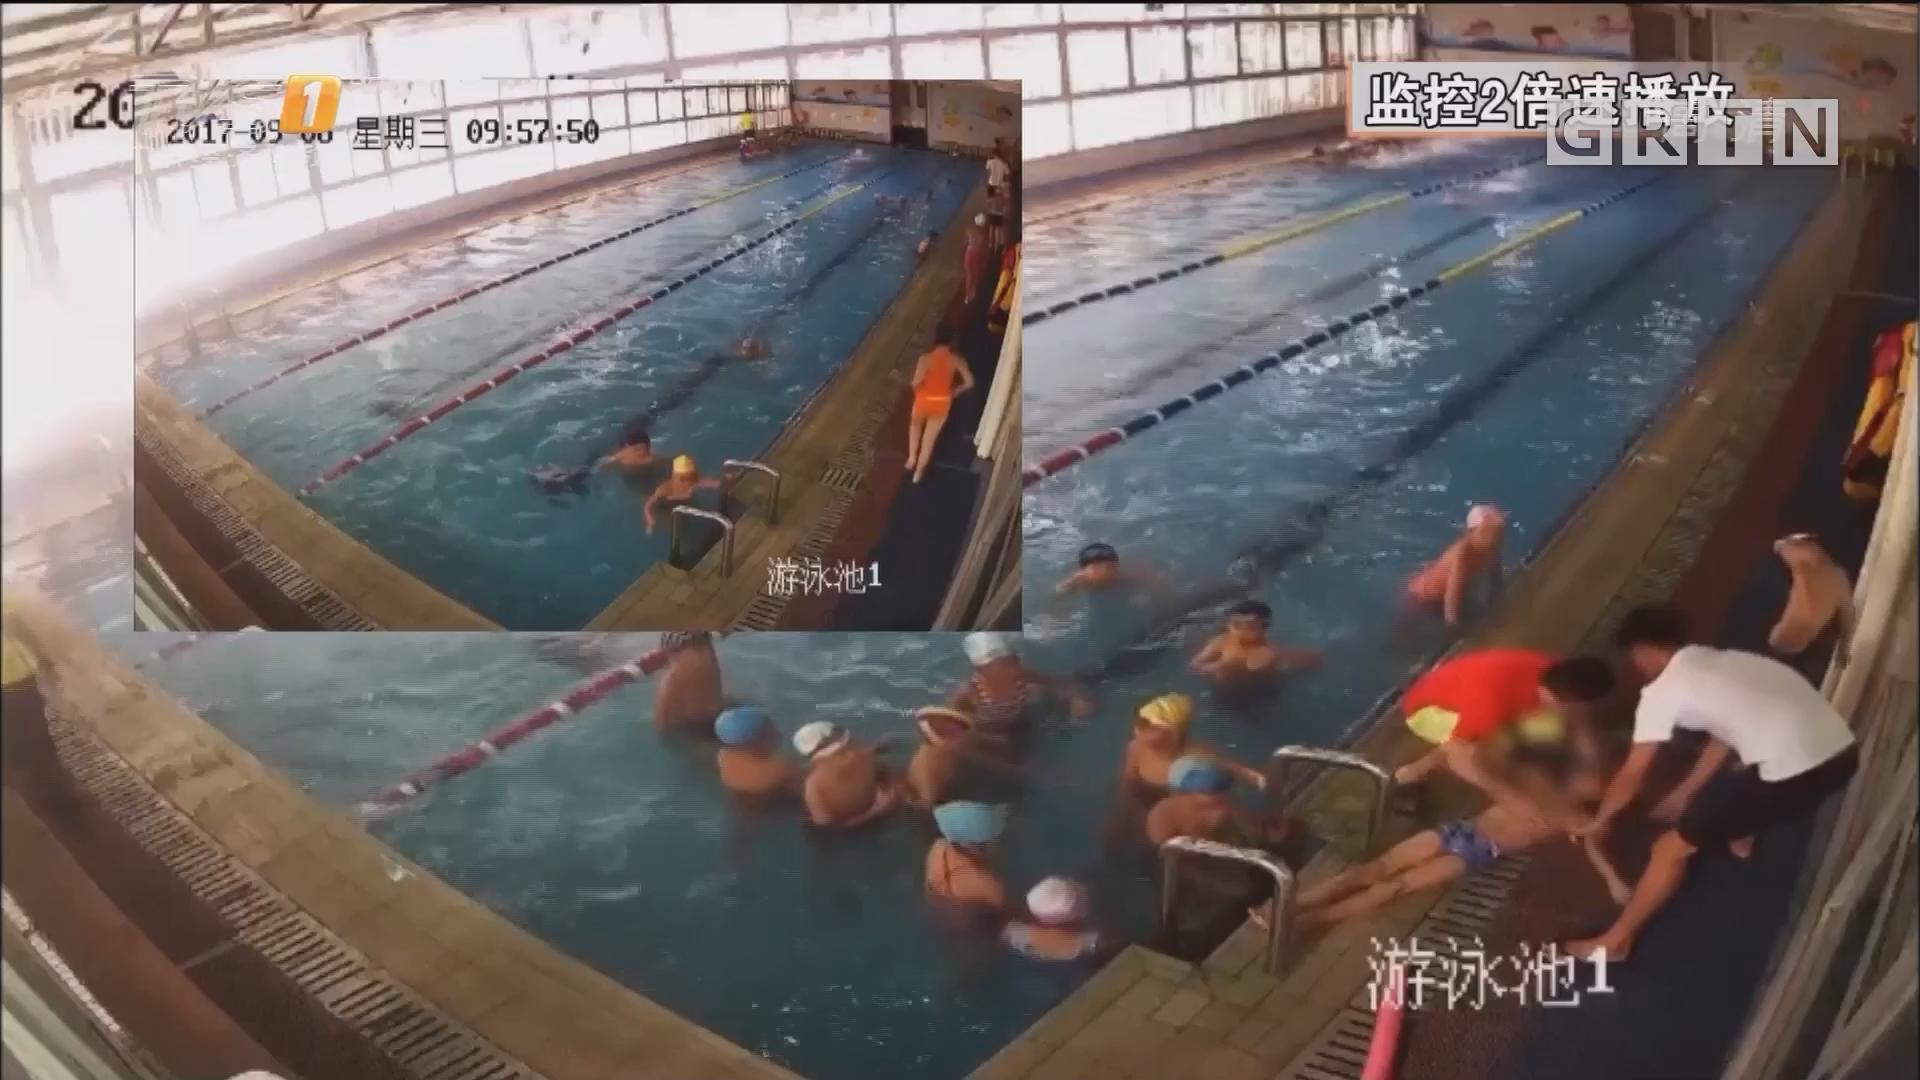 调查追踪:九岁男童溺毙学校游泳课 校方与家长各执一词(一)